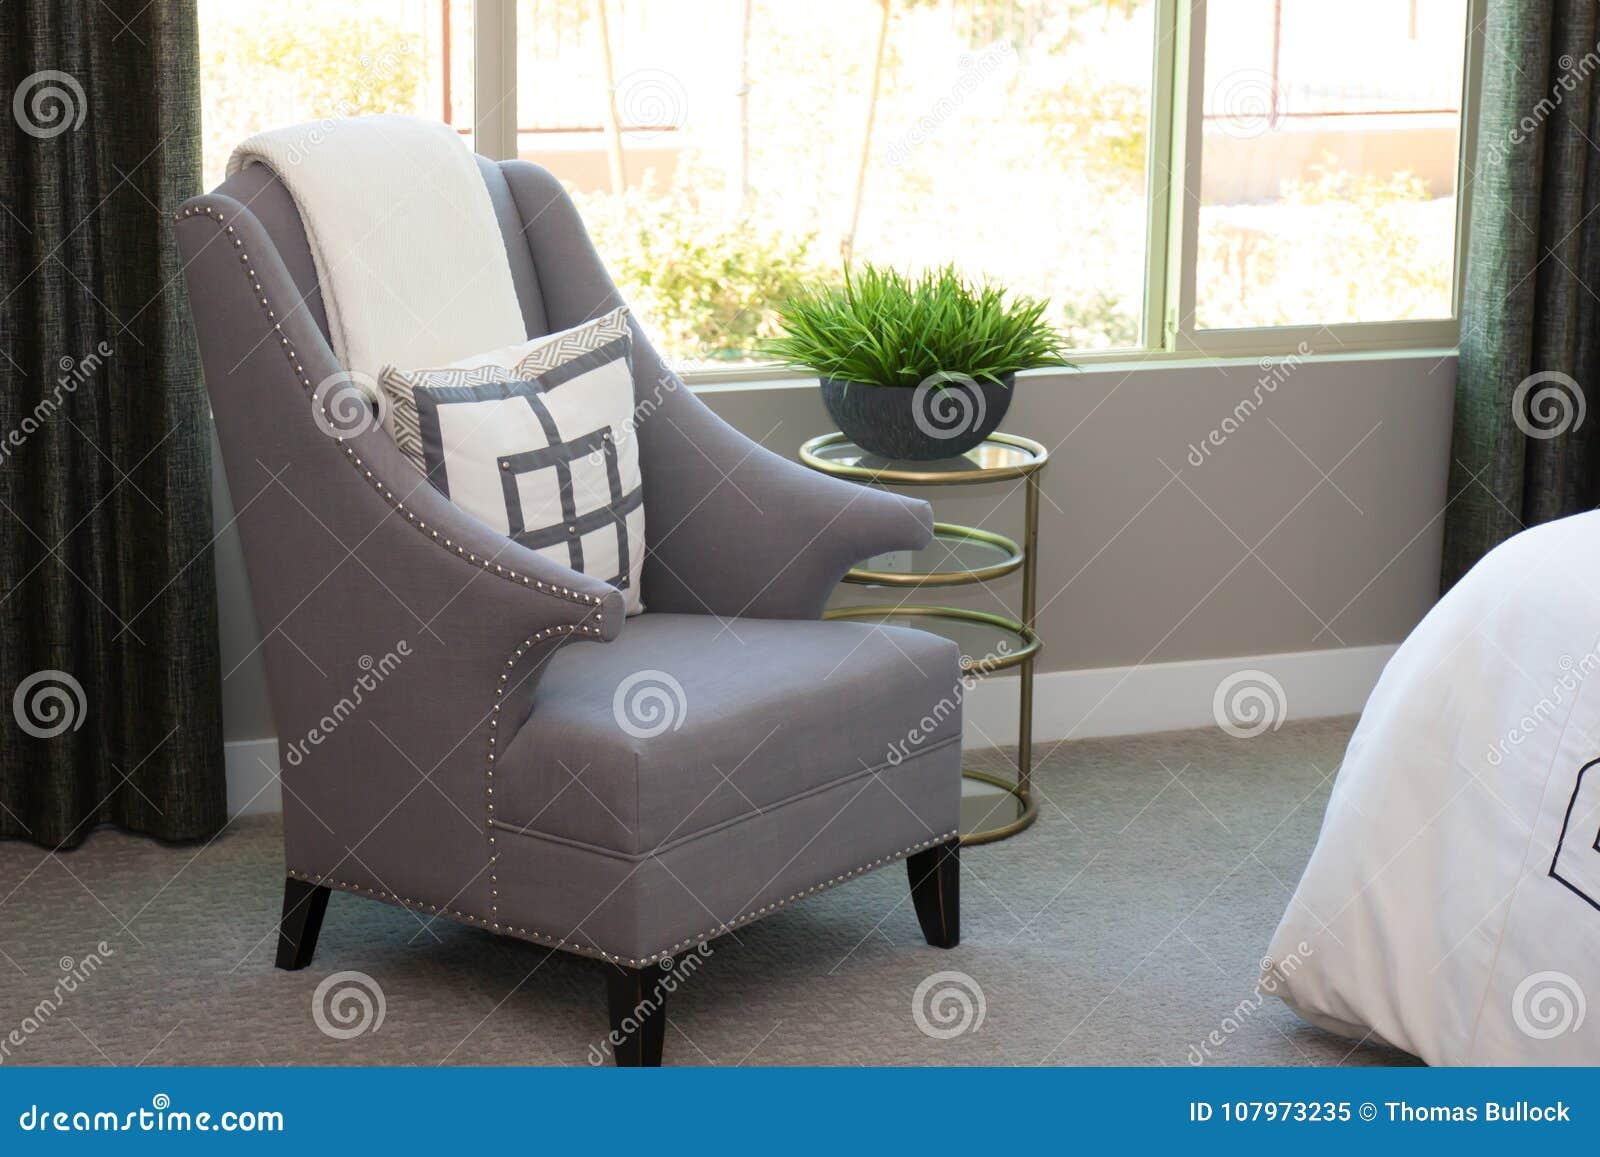 Sessel Im Modernen Schlafzimmer Stockbild - Bild von hoch ...